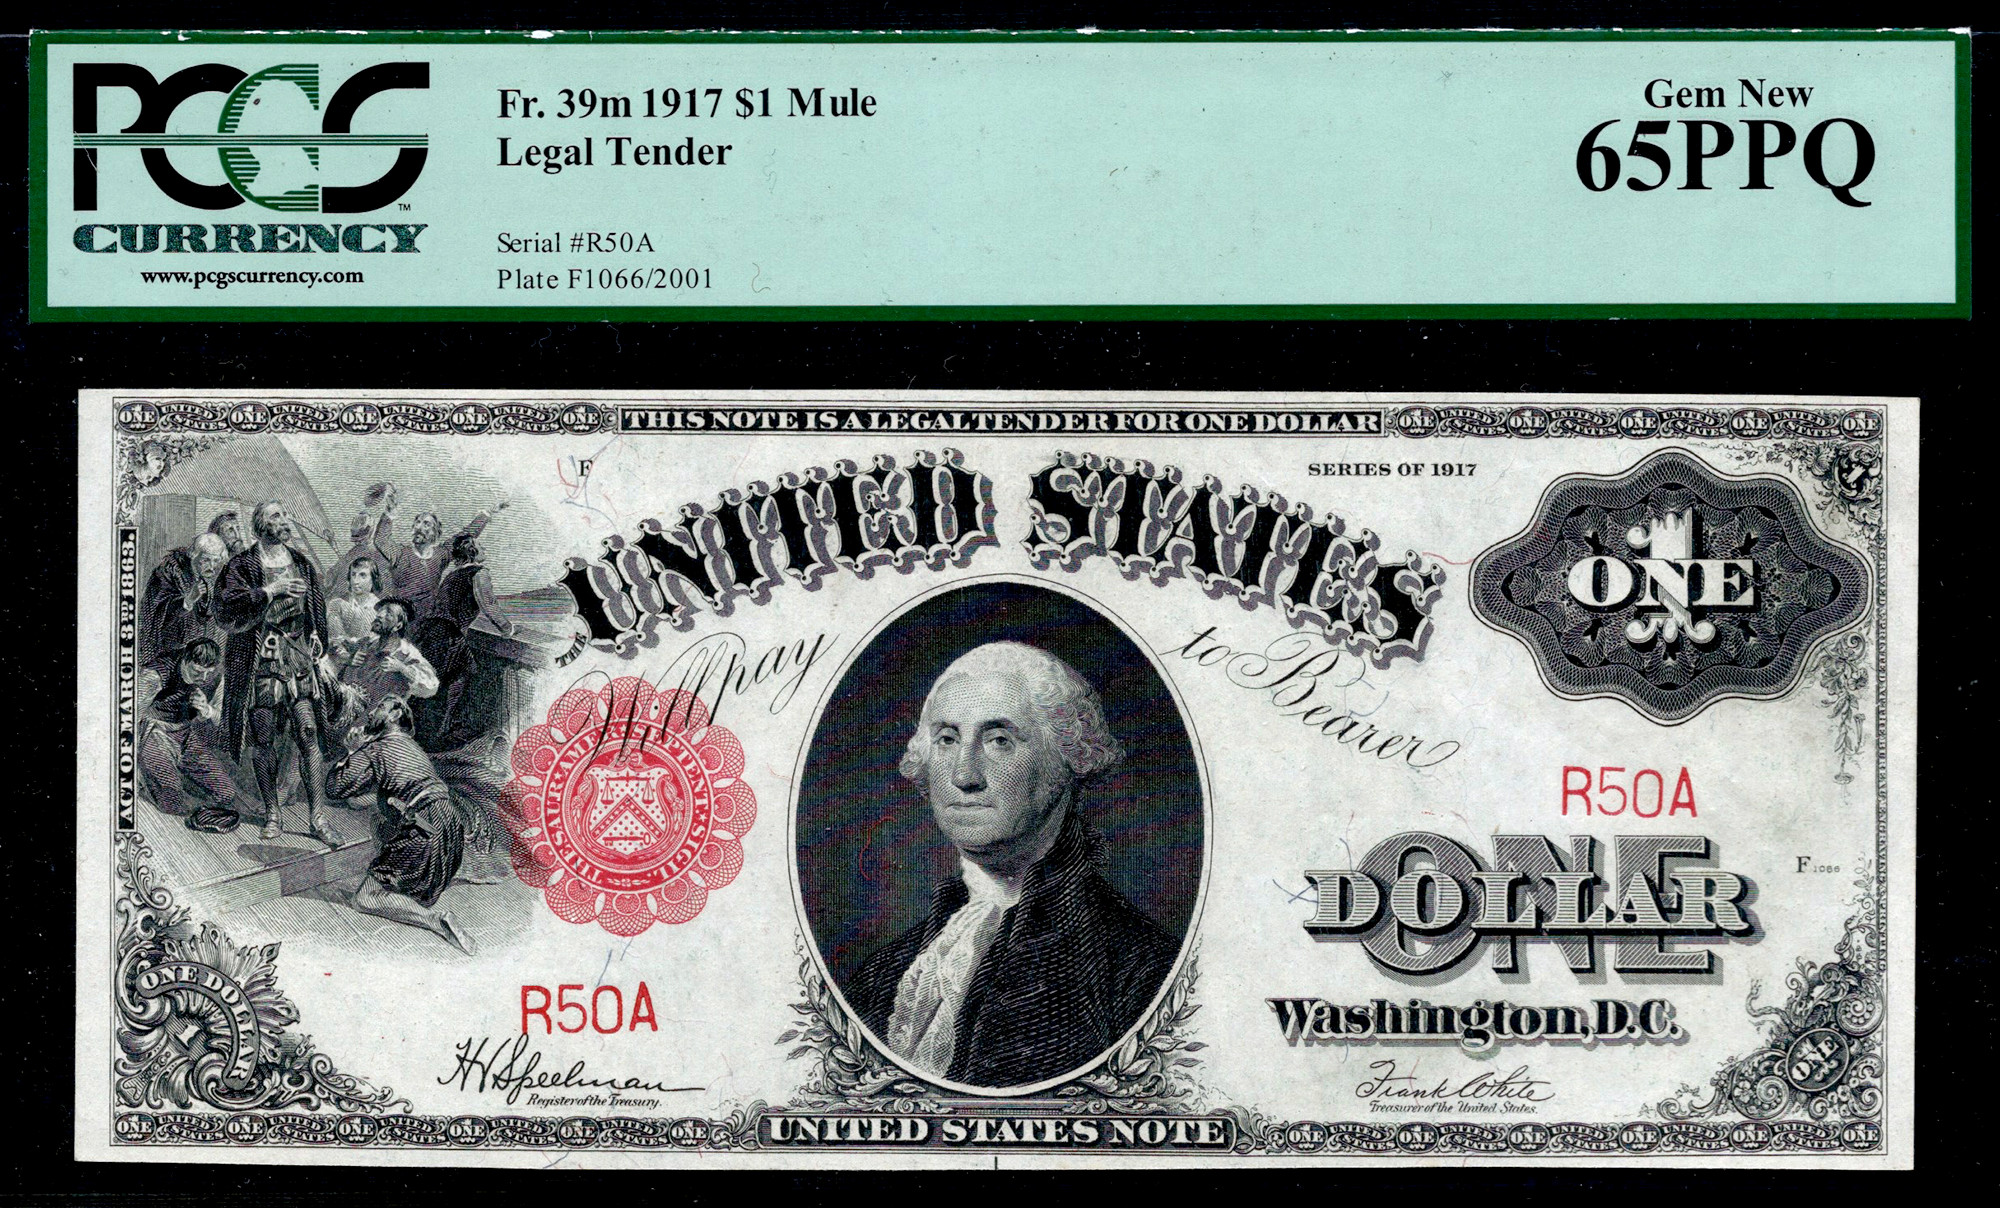 1917 1 R50A 65PPQ.jpg